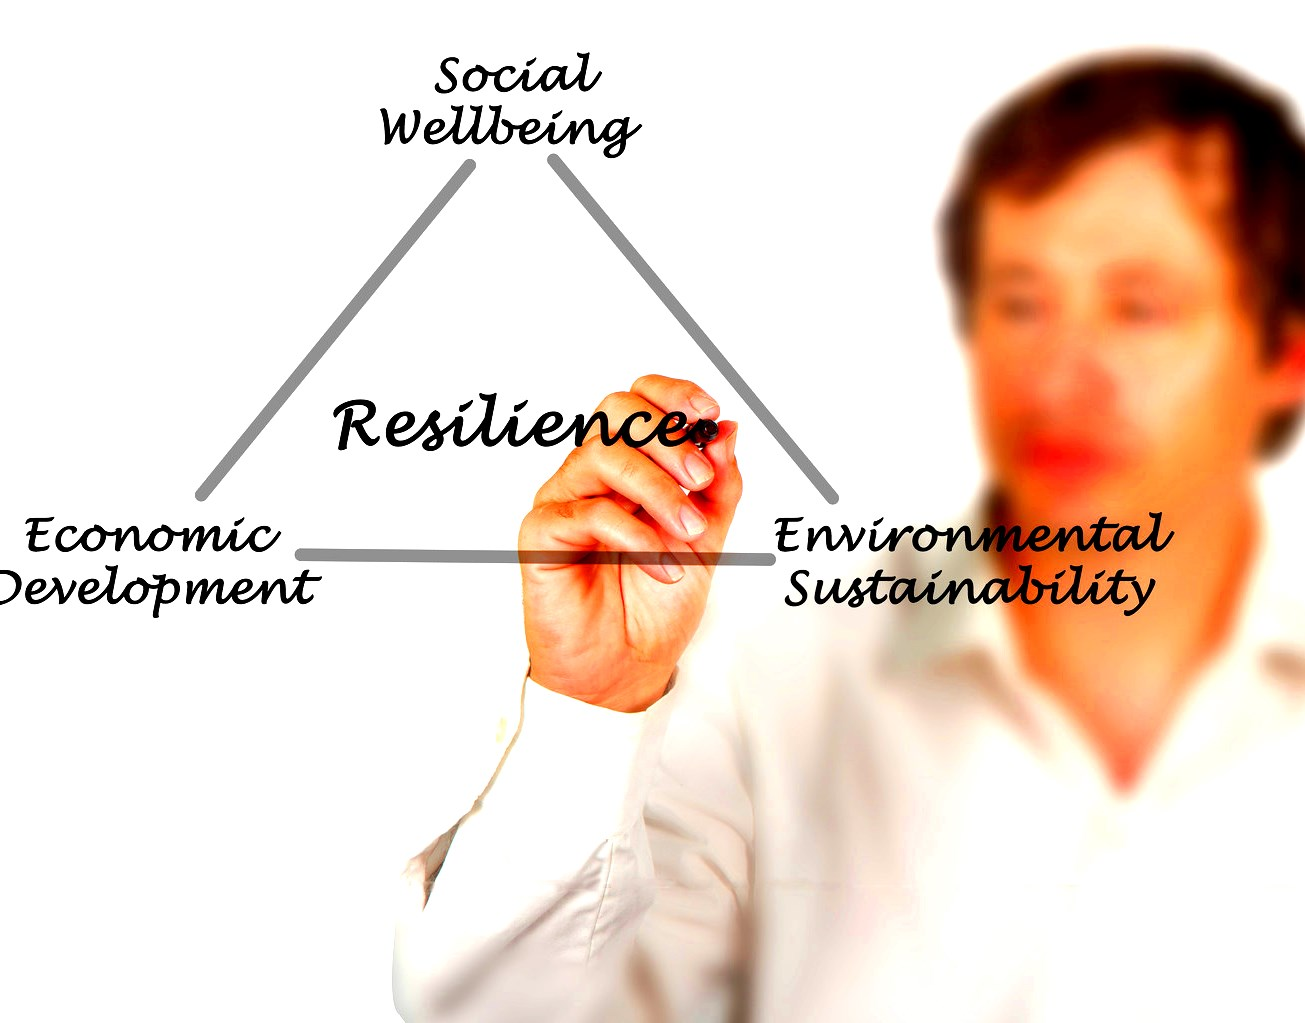 resiliencediagram